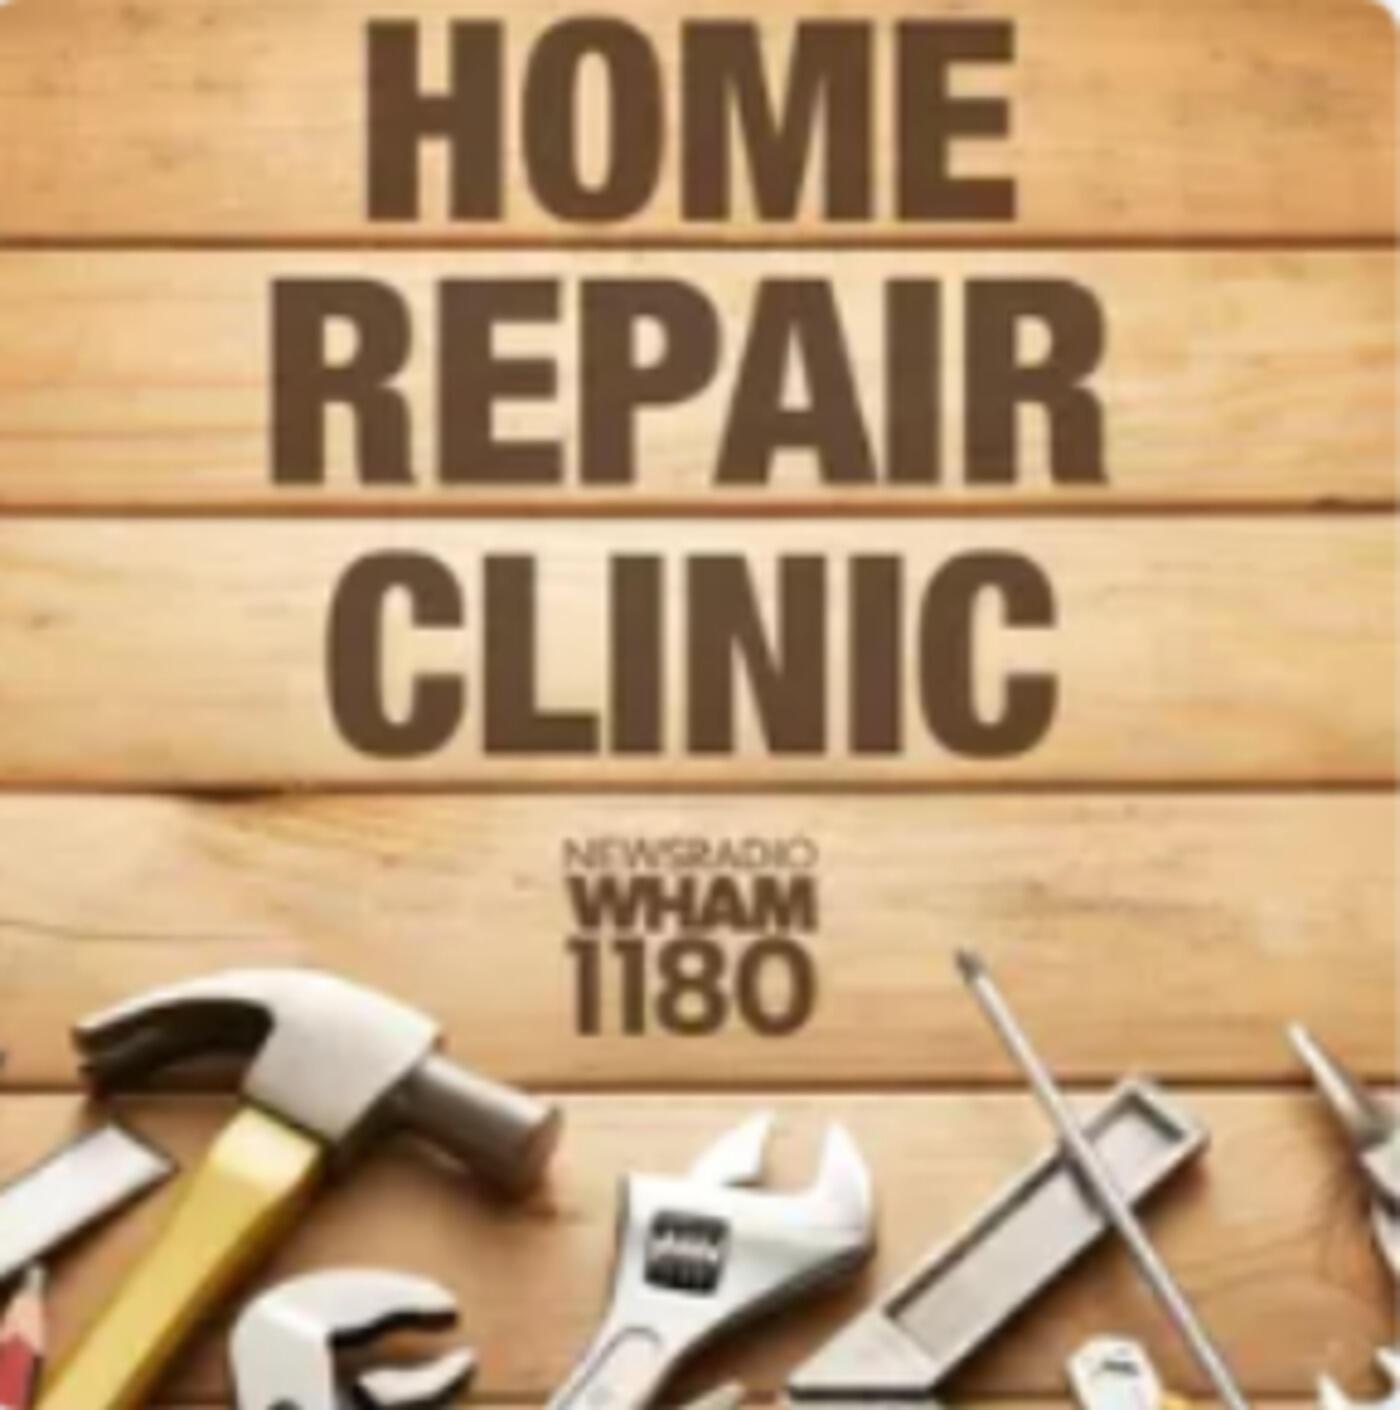 Home Repair Clinic